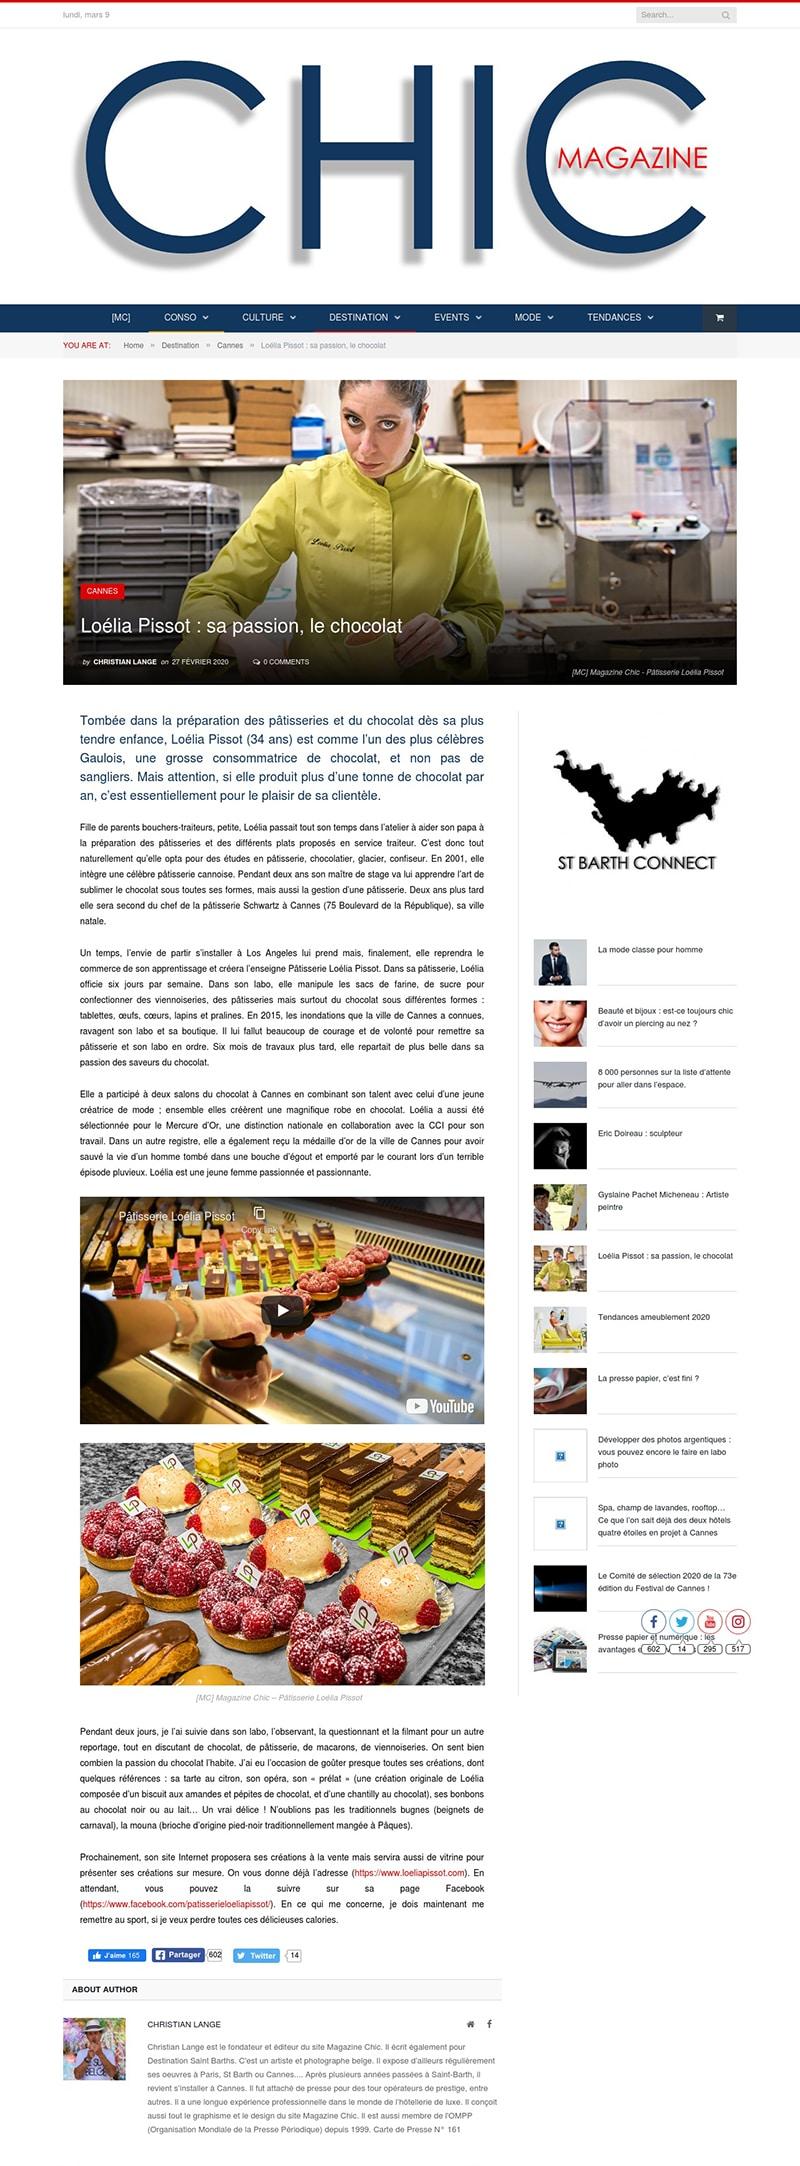 Loélia Pissot - Magazine Chic